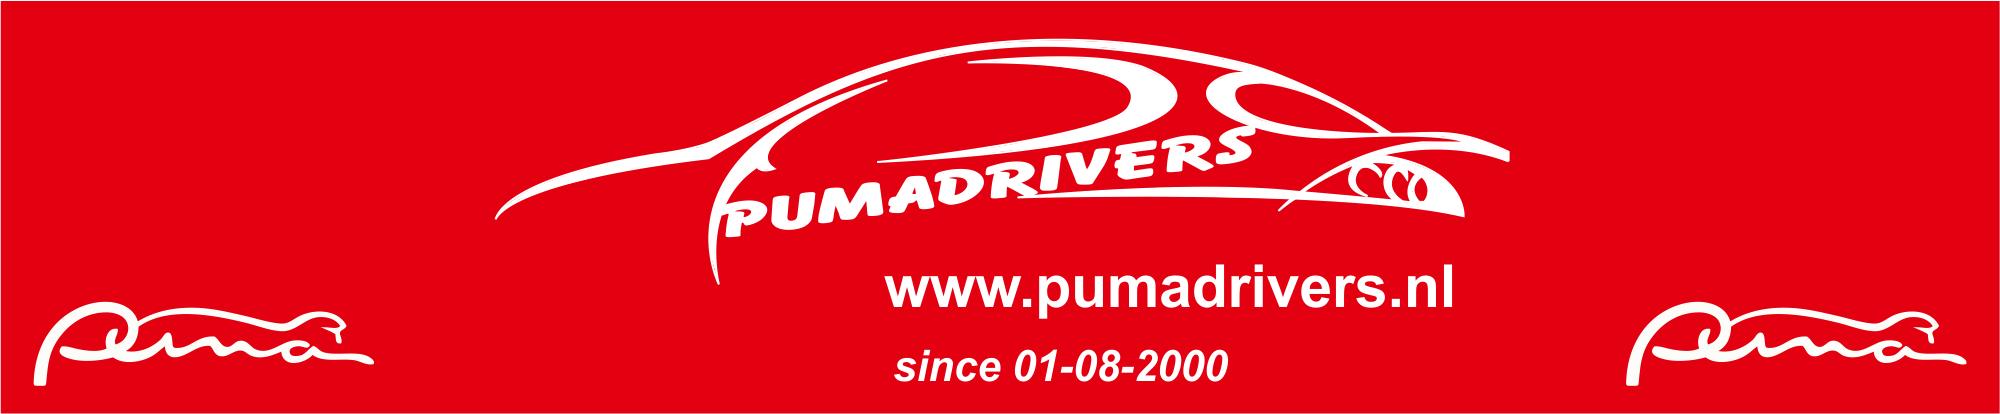 Pumadrivers | De club voor de liefhebber van de ECHTE Ford Puma